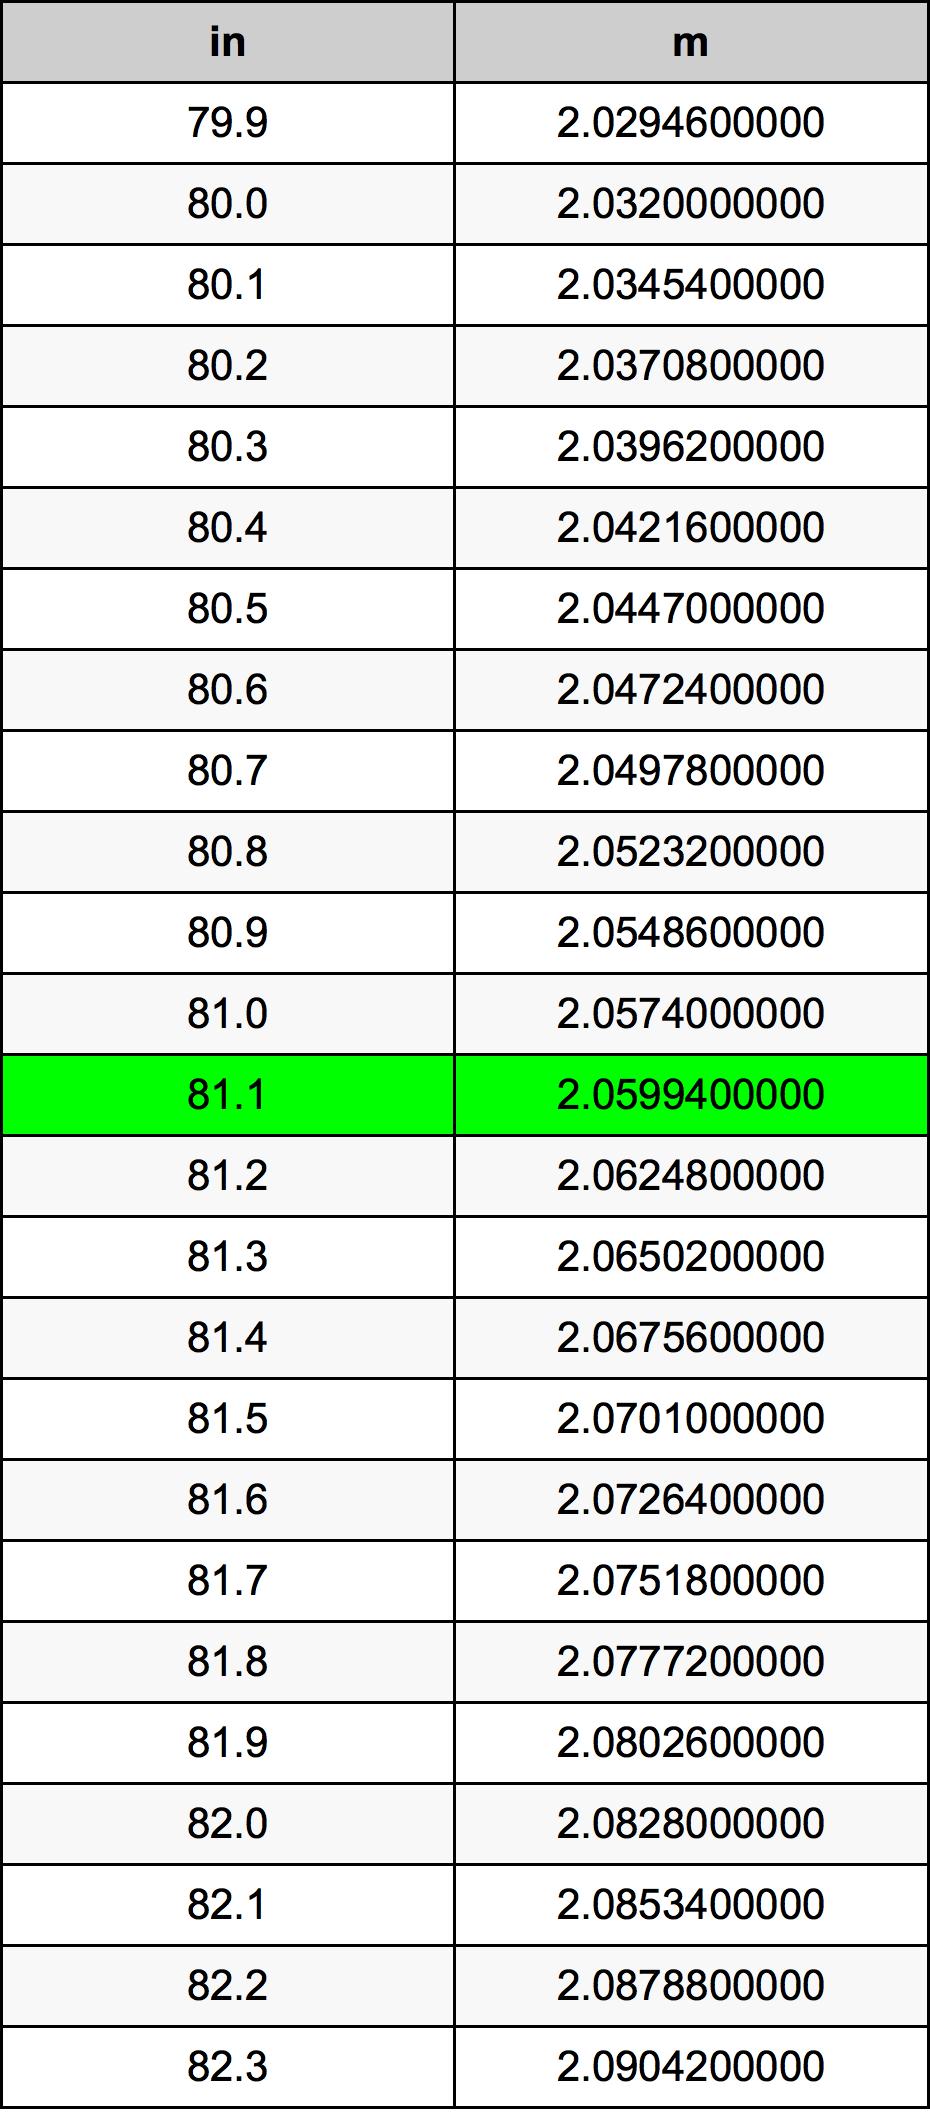 81.1 بوصة جدول تحويل